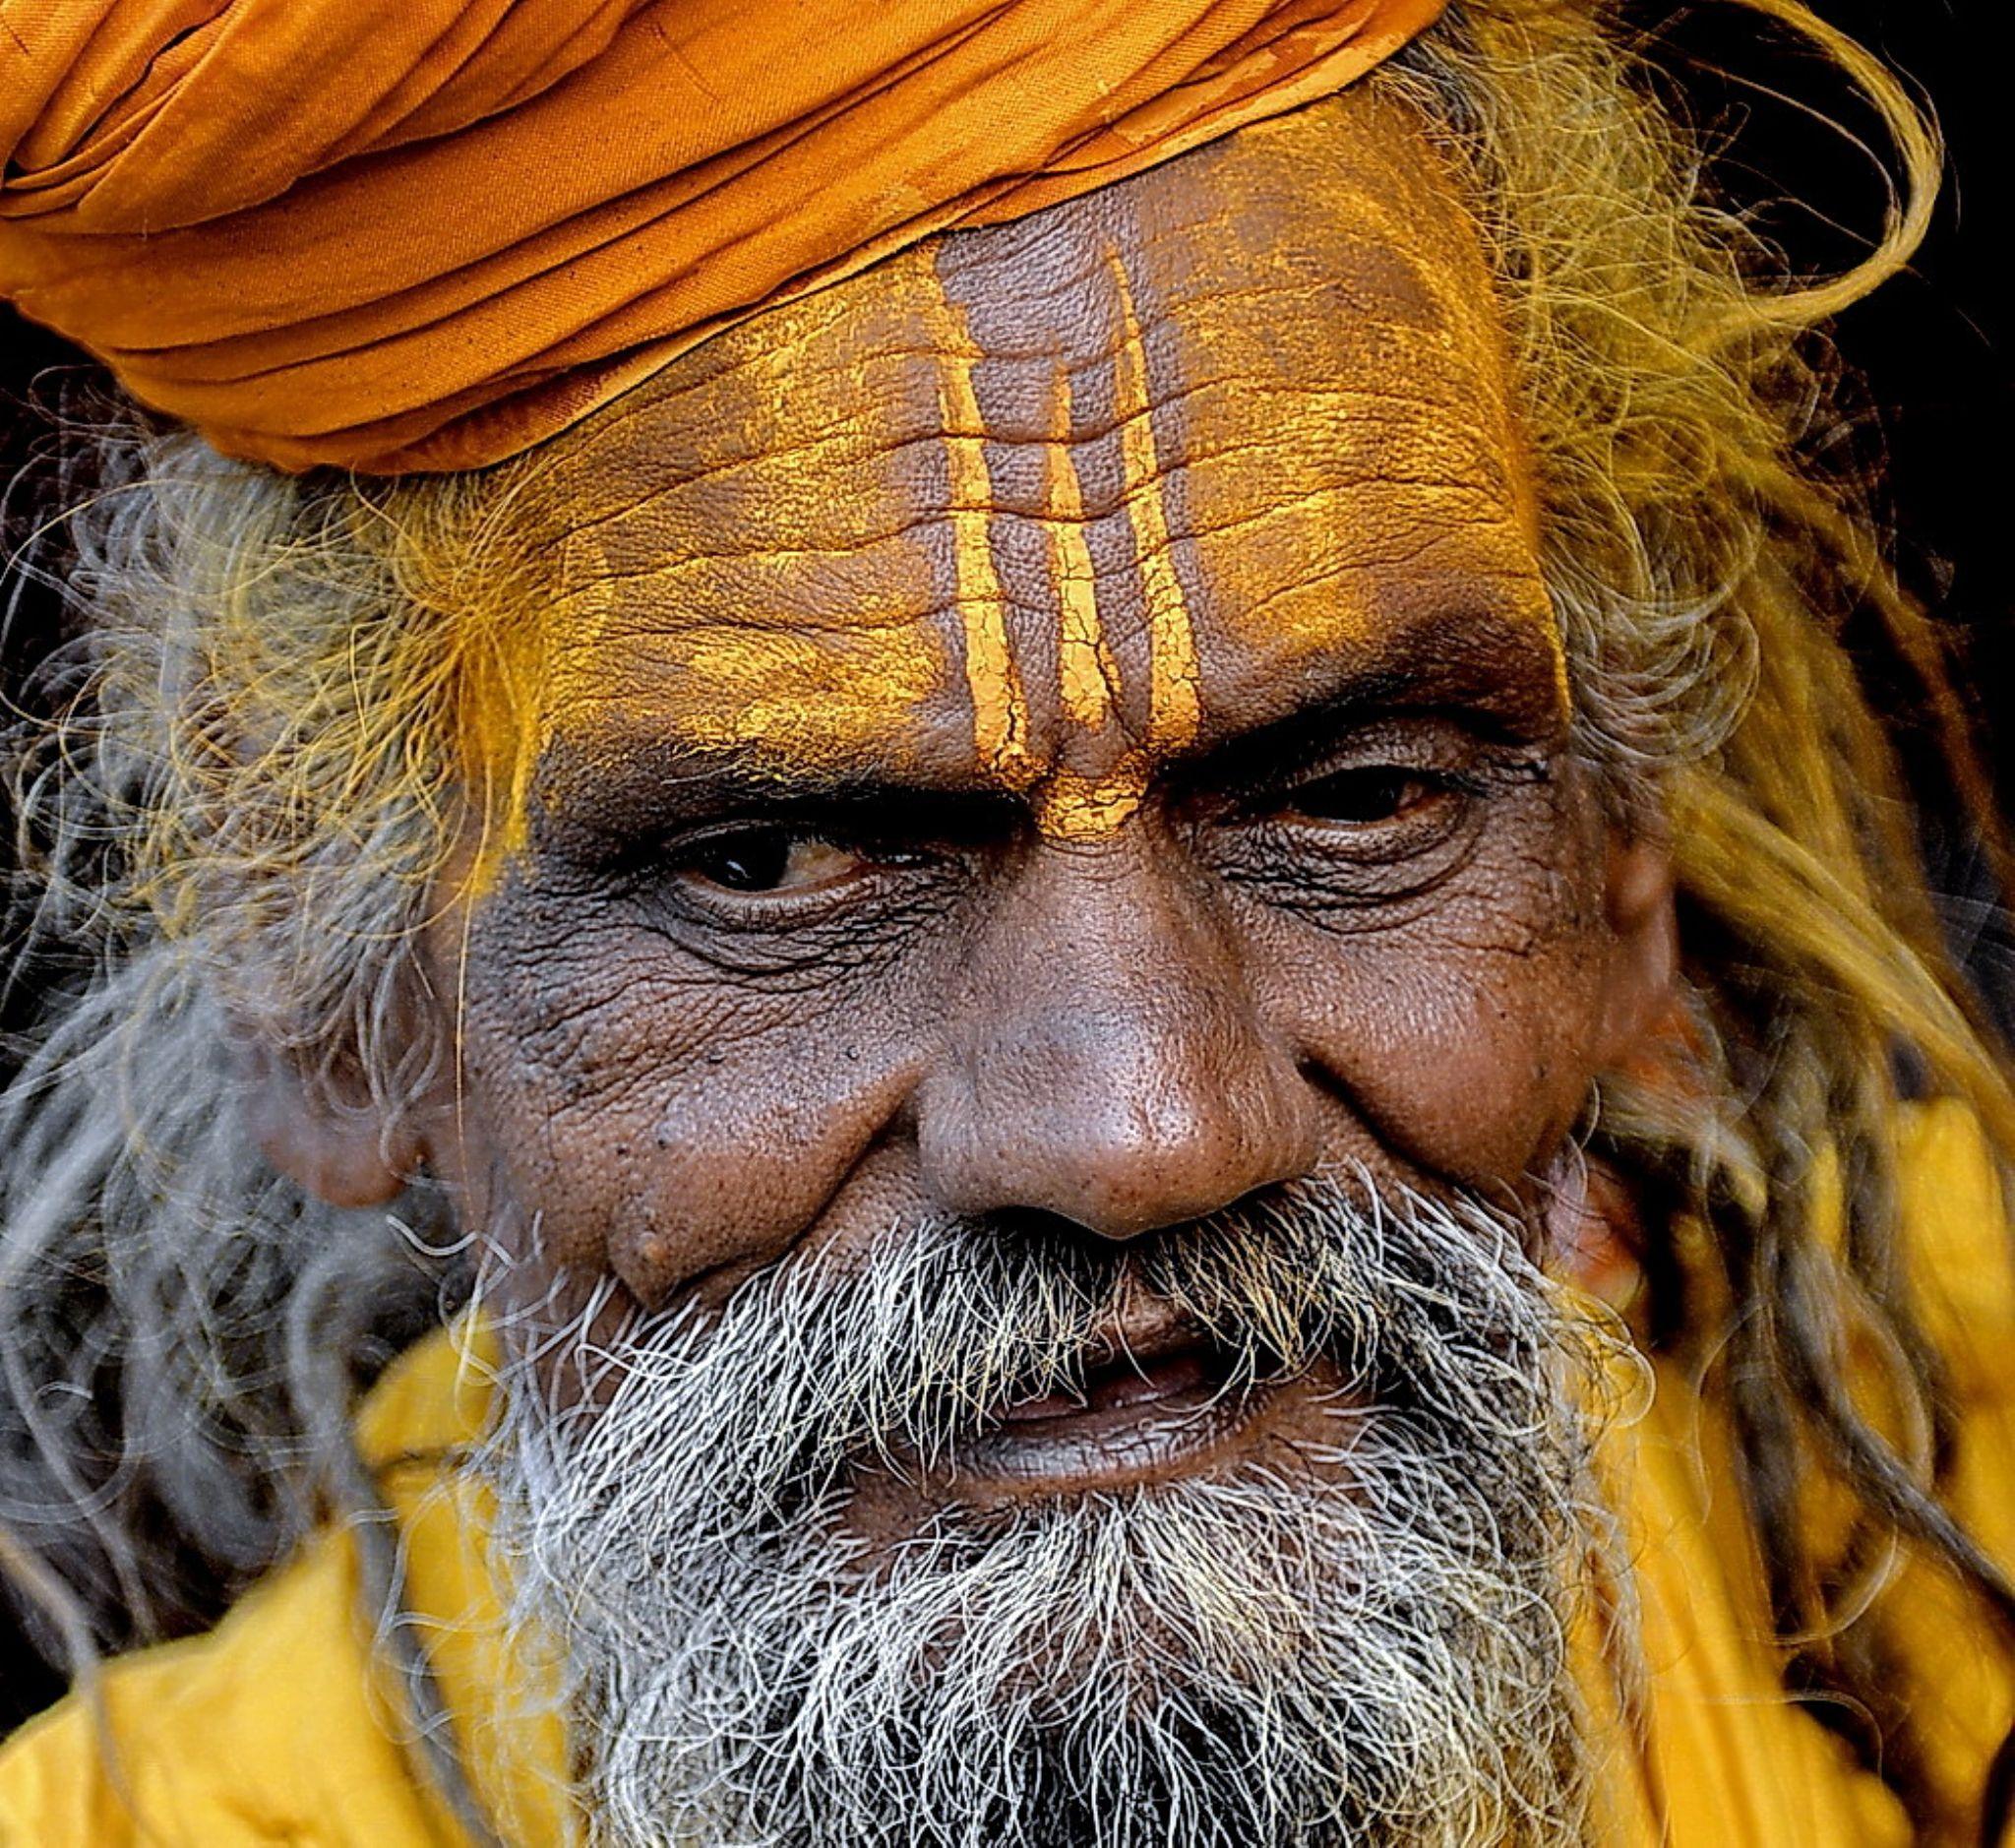 Man in Yellow by Sudipta Dutta Chowdhury